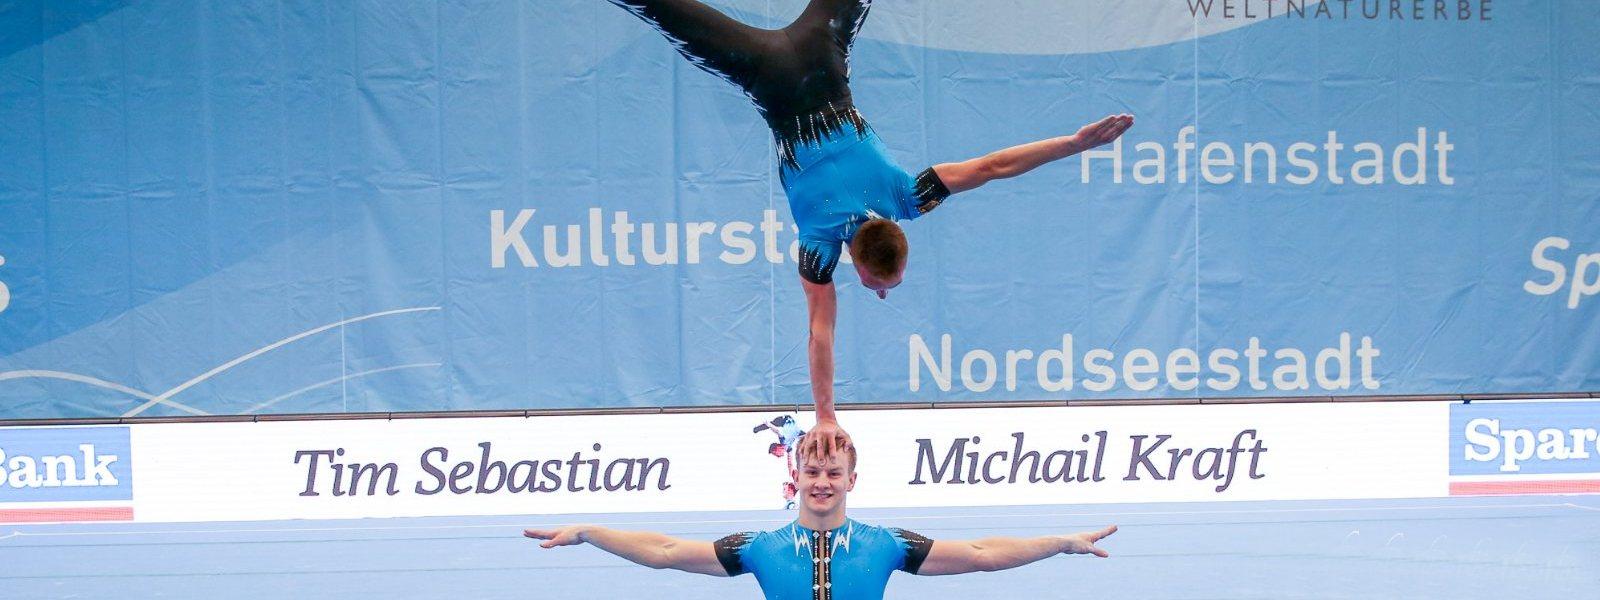 Tim Sebastian & Michail Kraft: Deutschlands erfolgreichste Sportakrobaten beenden ihre Karriere